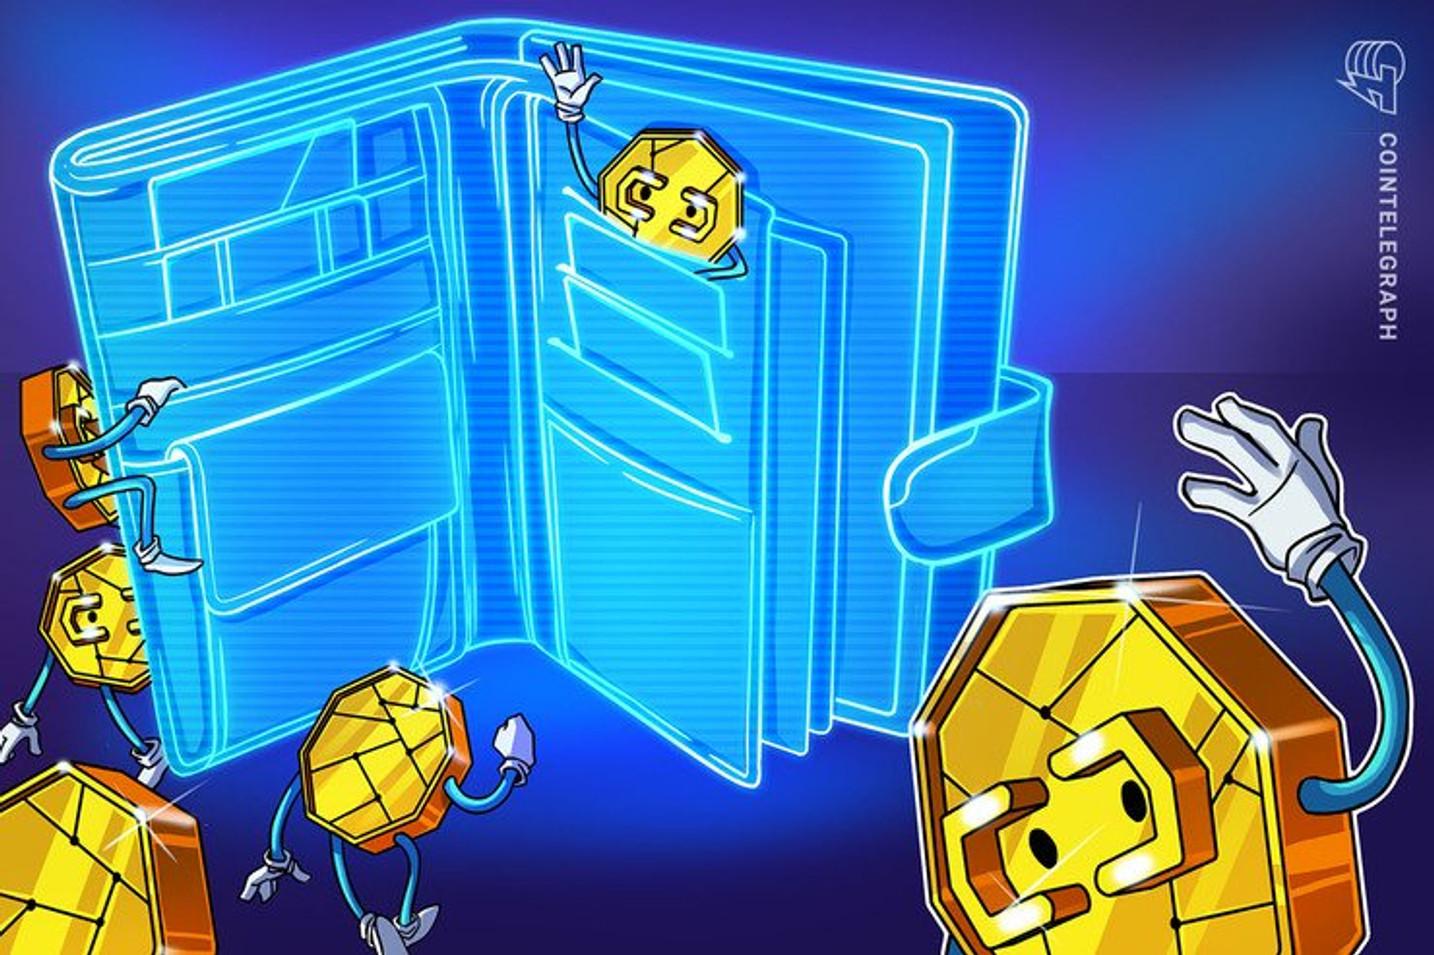 Atlas Quantum 'cria' mais Bitcoins do que aponta relatório da Grant Thornton